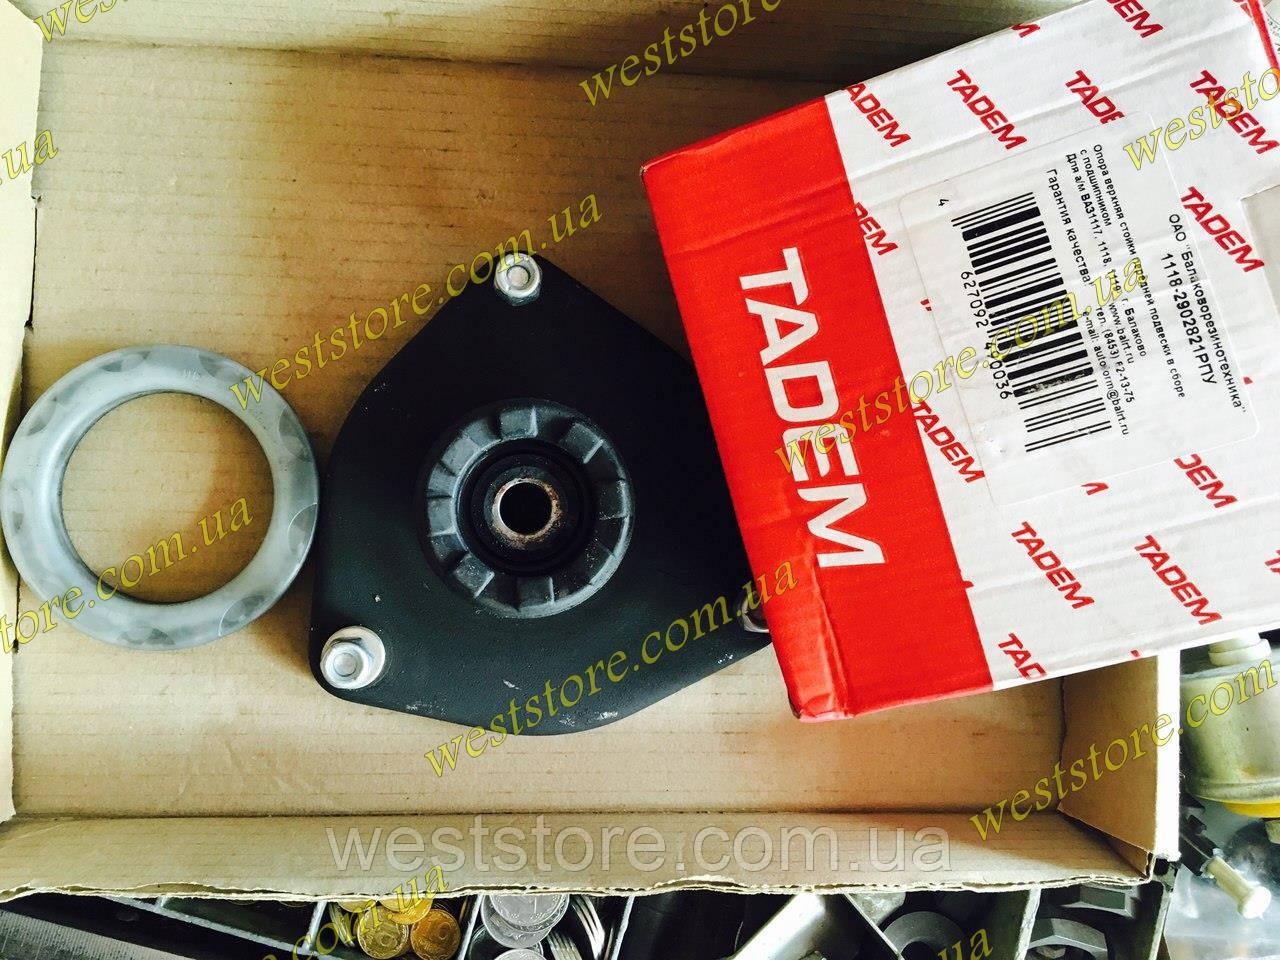 Опора переднего амортизатора (стойки) Ваз 1117 1118 1119 калина БРТ (с подшипником) в упаковке